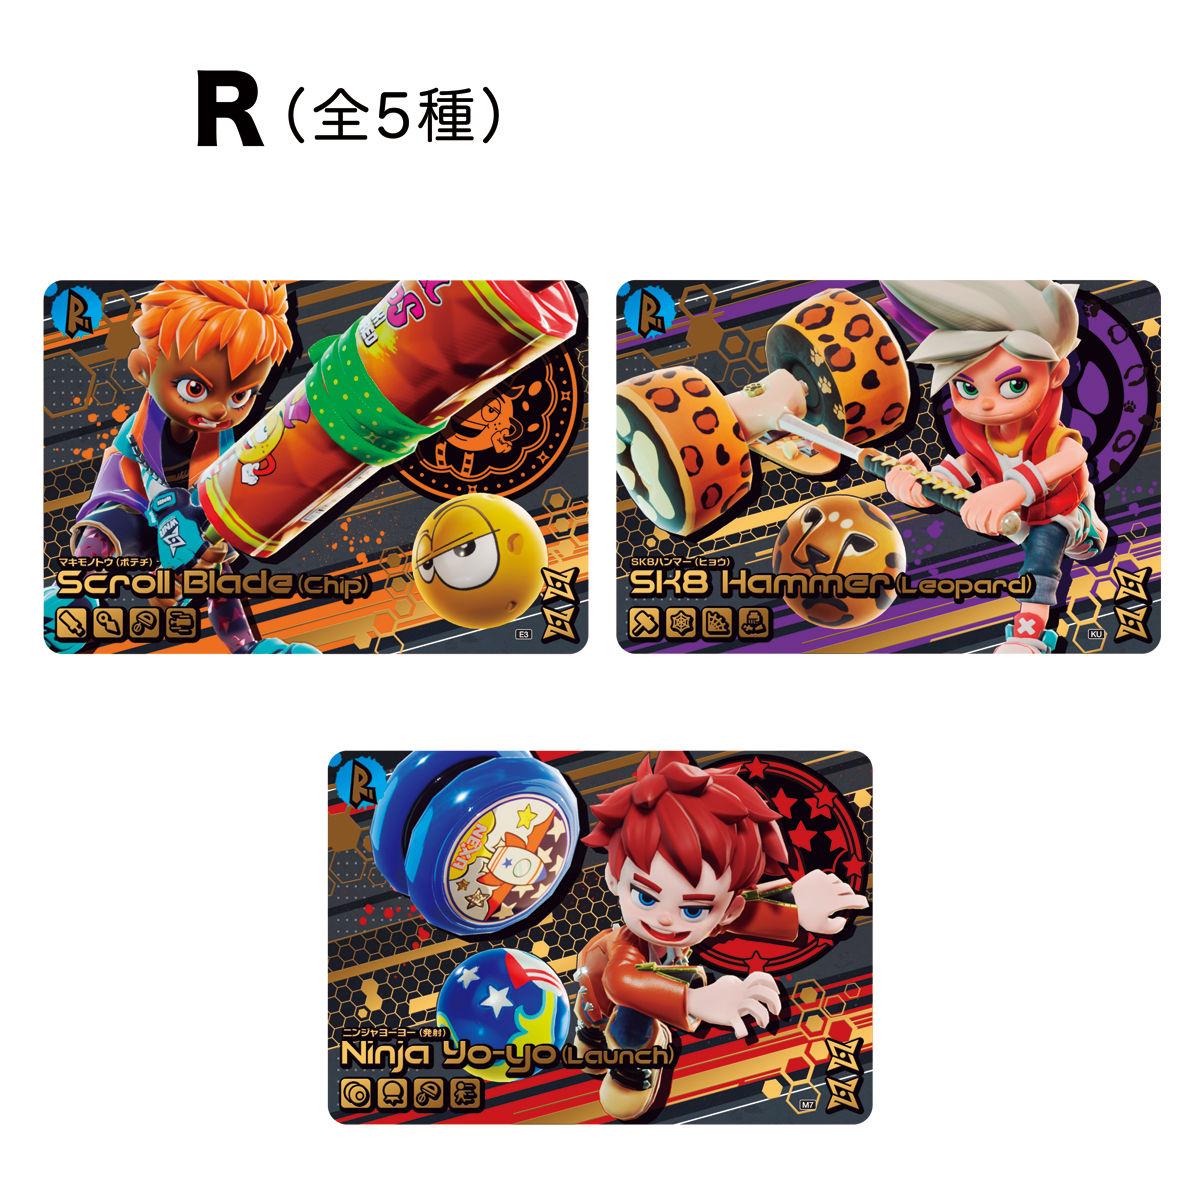 ニンジャラコレクションカード Vol.2